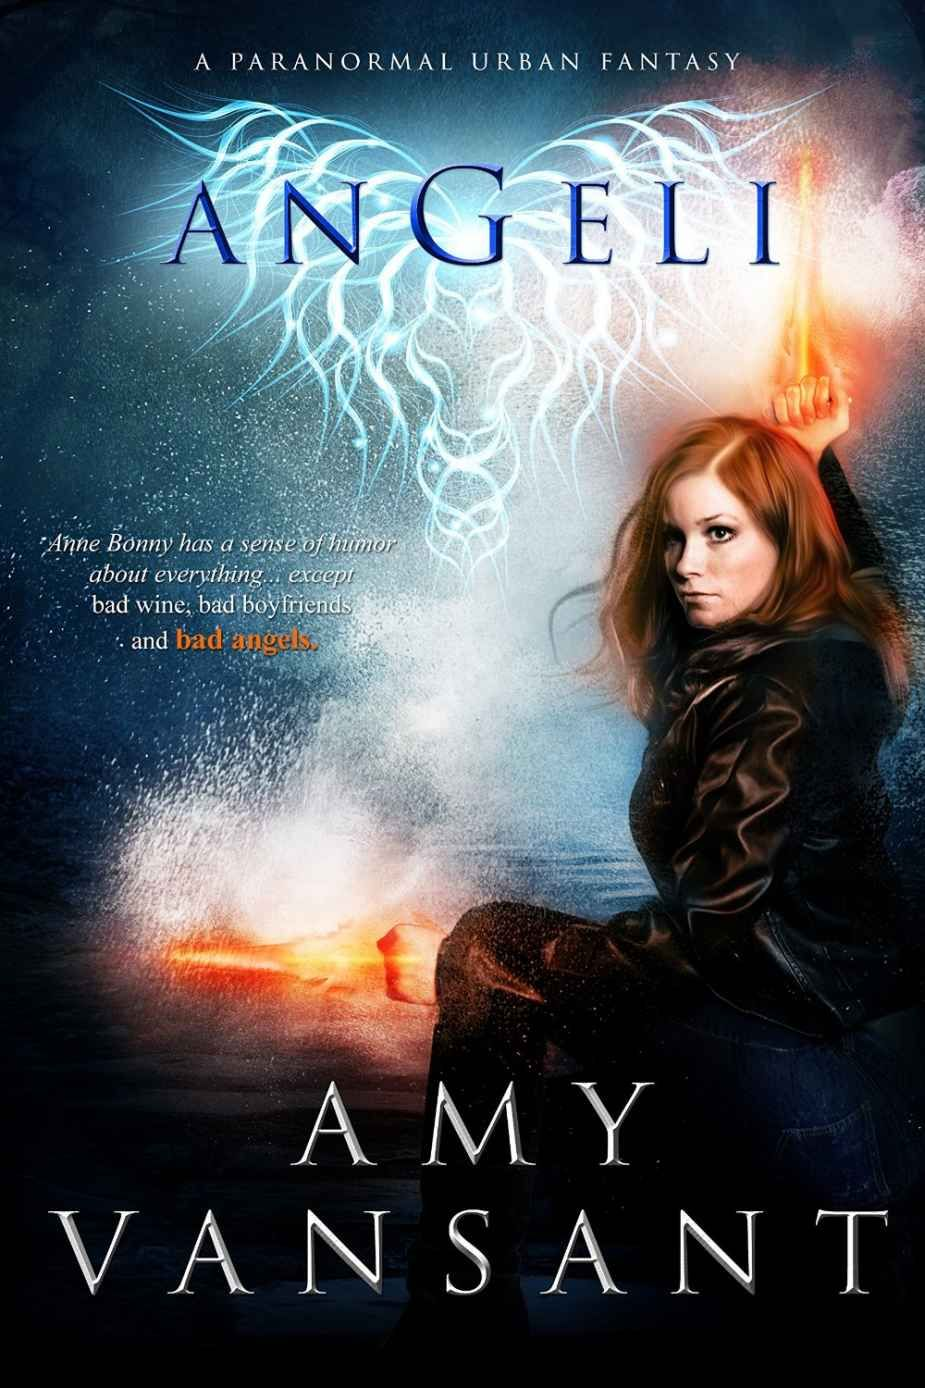 Angeli: The Pirate, the Angel & the Irishman, Amy Vansant